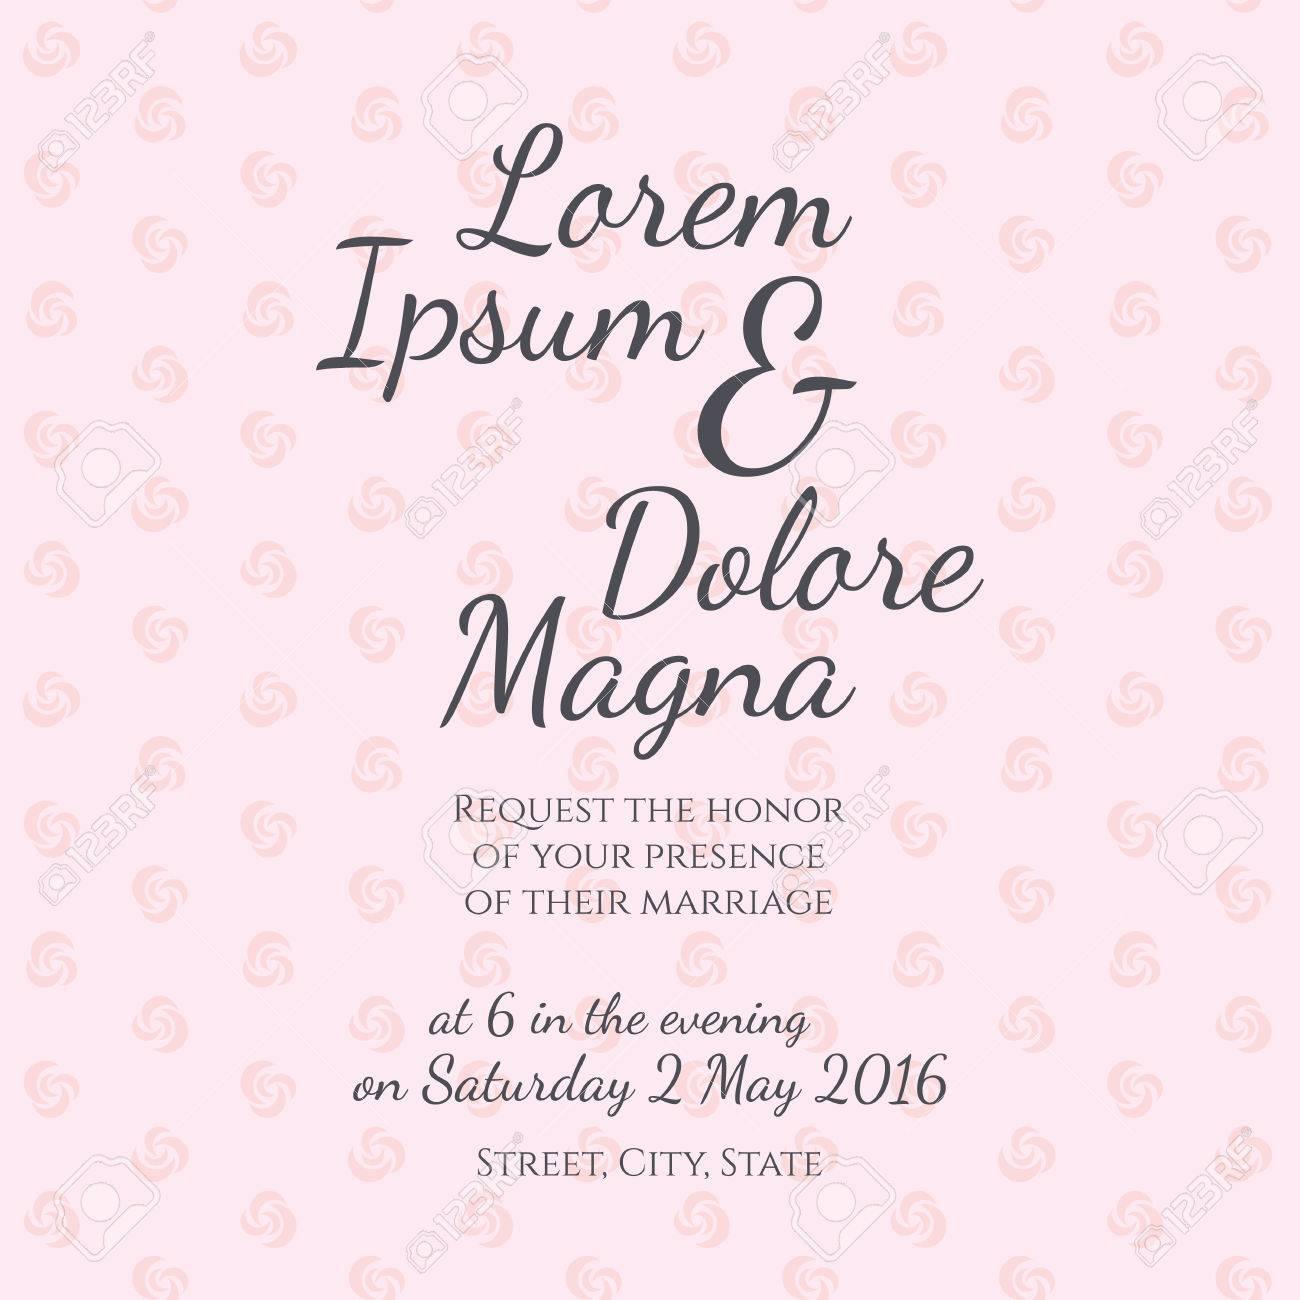 Einladung Hochzeit Karte Vektor Vorlage   Für Einladungen, Flyer, Postkarten,  Karten Und